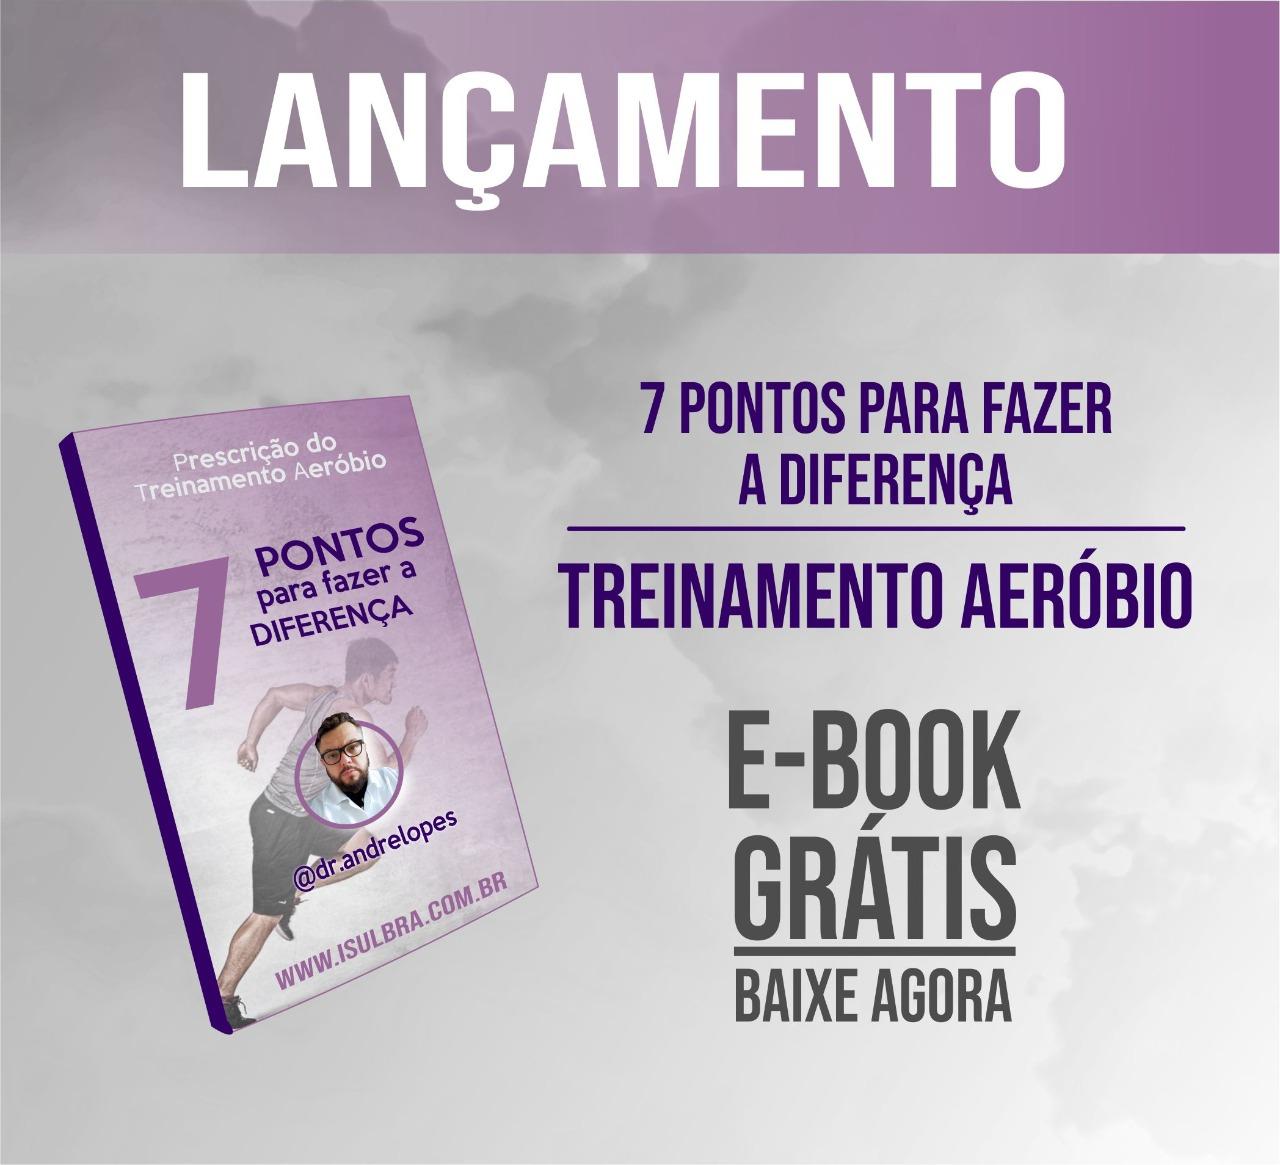 Curso para E-BOOK 7 PONTOS PARA O TREINAMENTO AERÓBIO